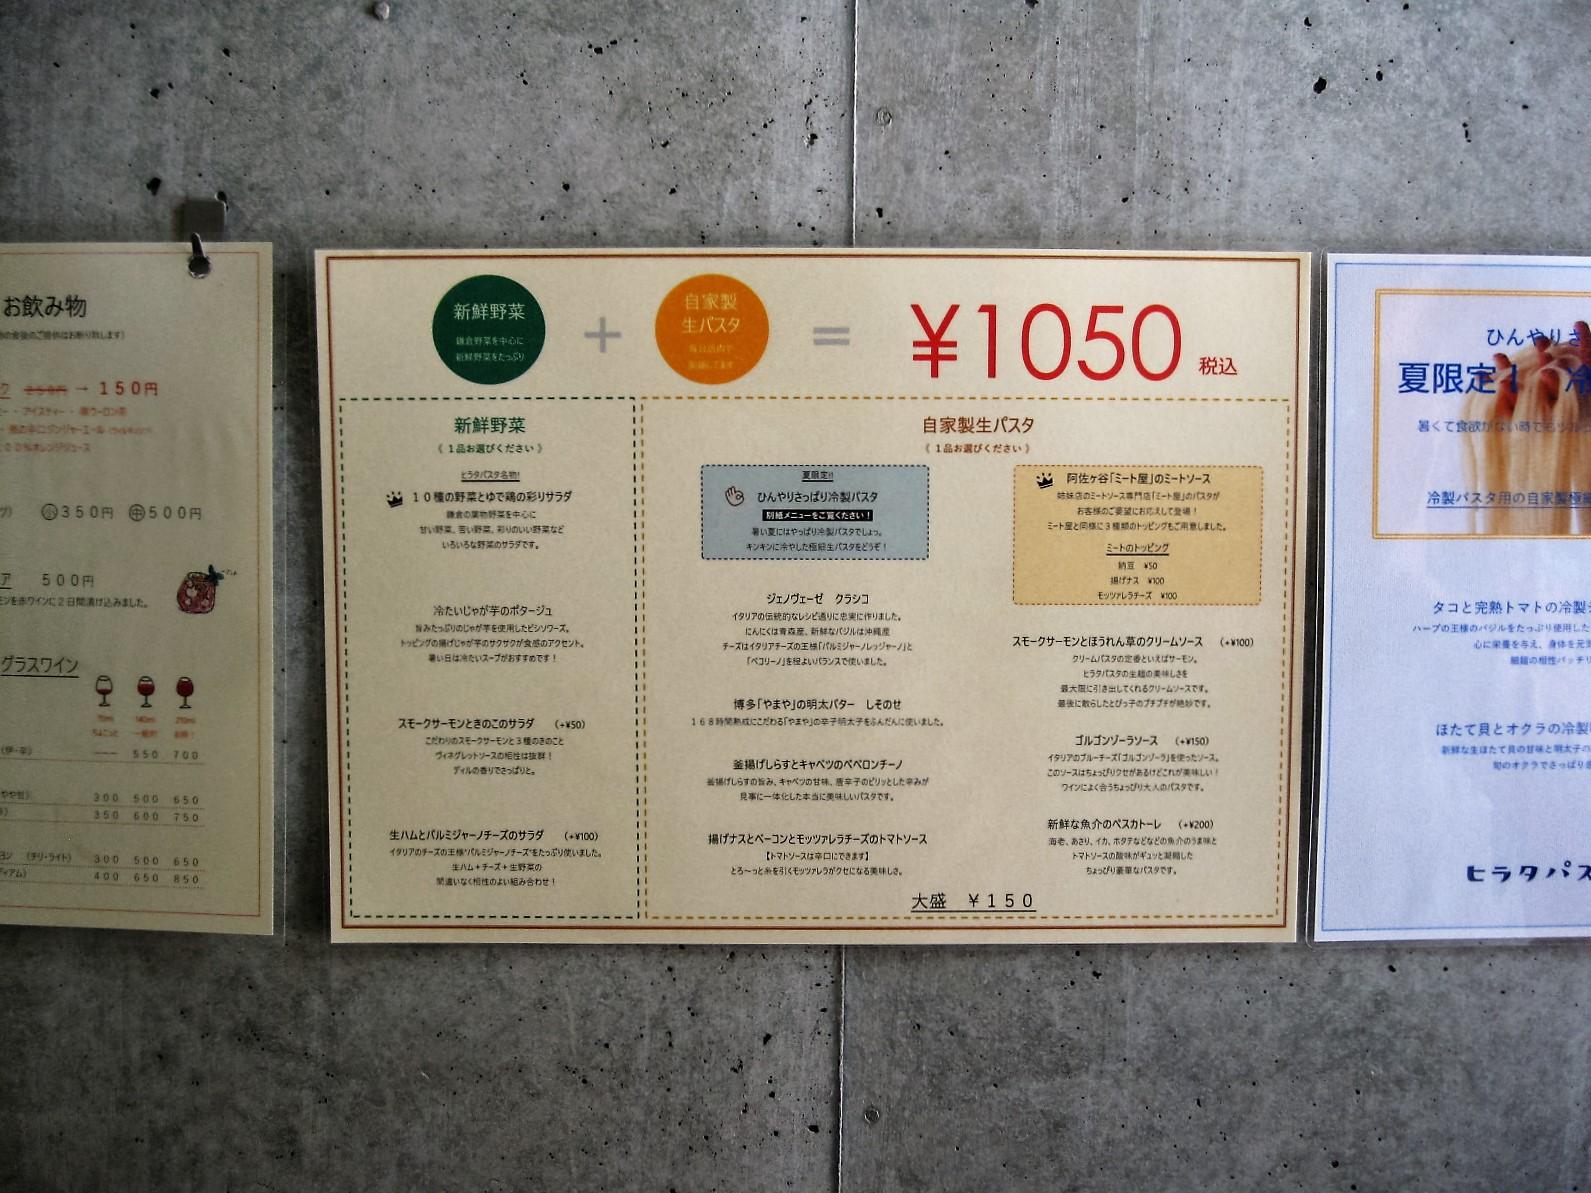 自家製生パスタ 店  ヒラタパスタ ランチ 美味しい 評価